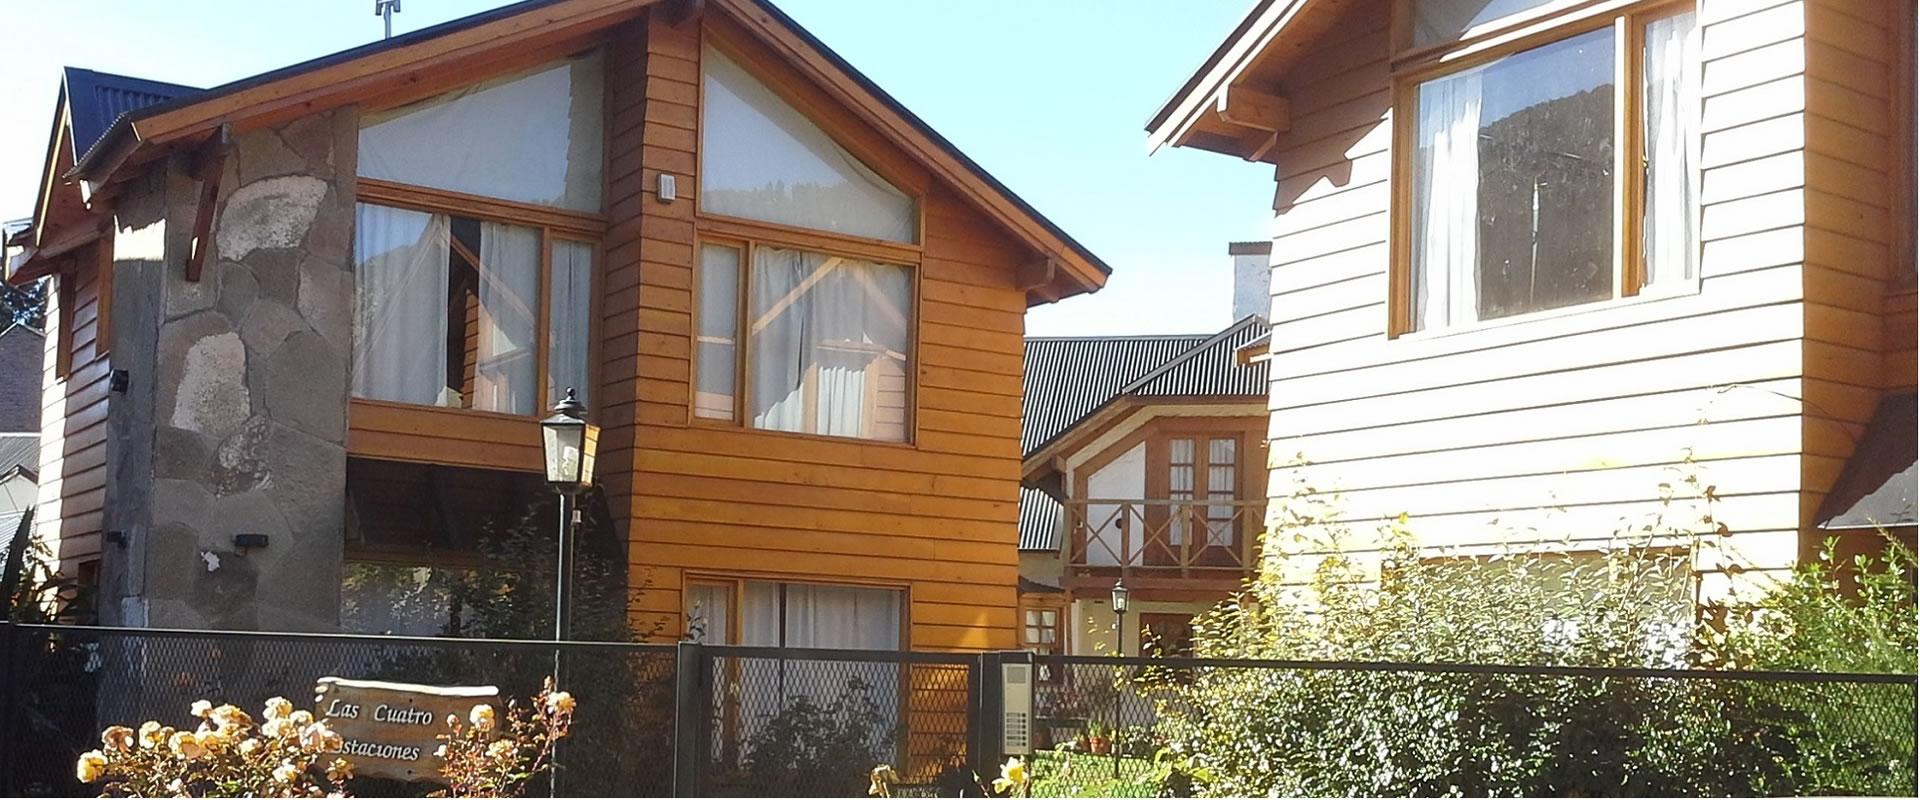 cabañas Cuatro Estaciones ubicadas en San Martín de los Andes